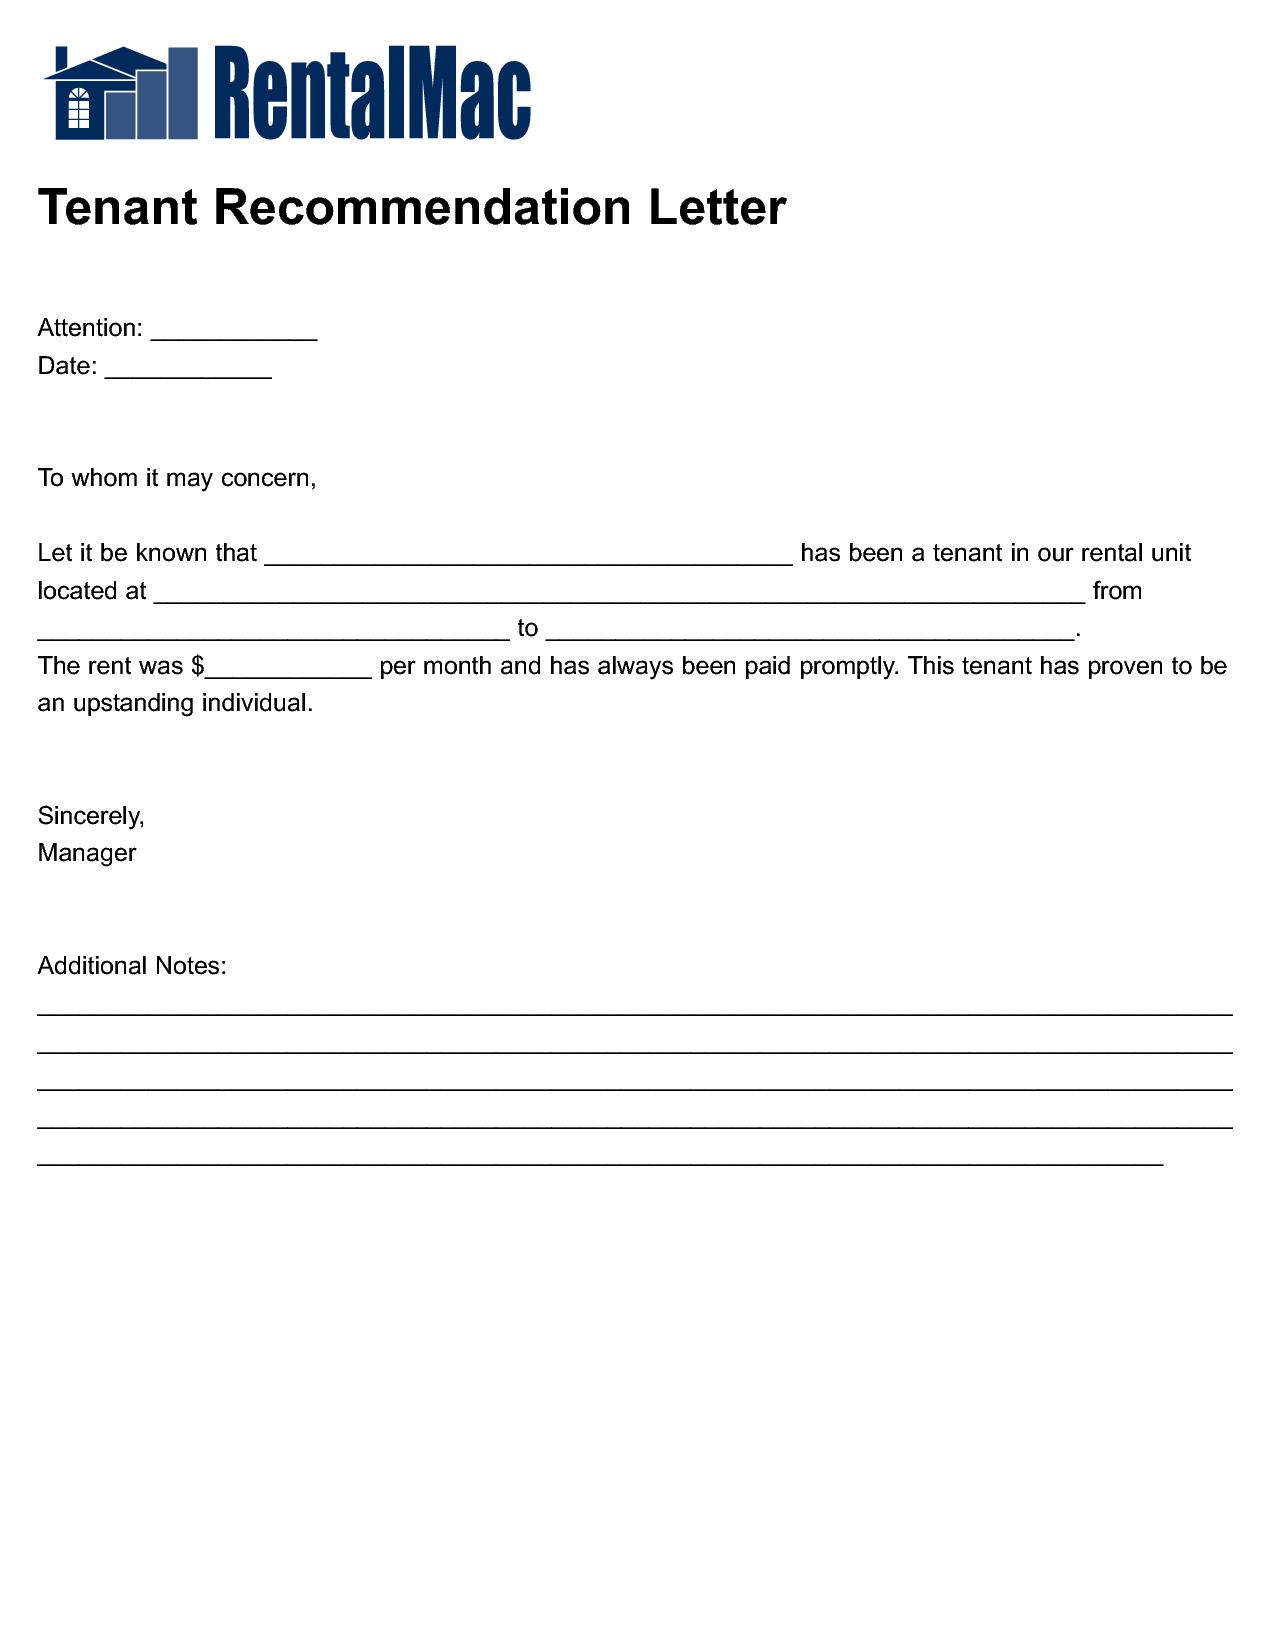 Tenant reference letter template samples letter template collection tenant reference letter template housing reference letter image collections letter format formal sample altavistaventures Image collections